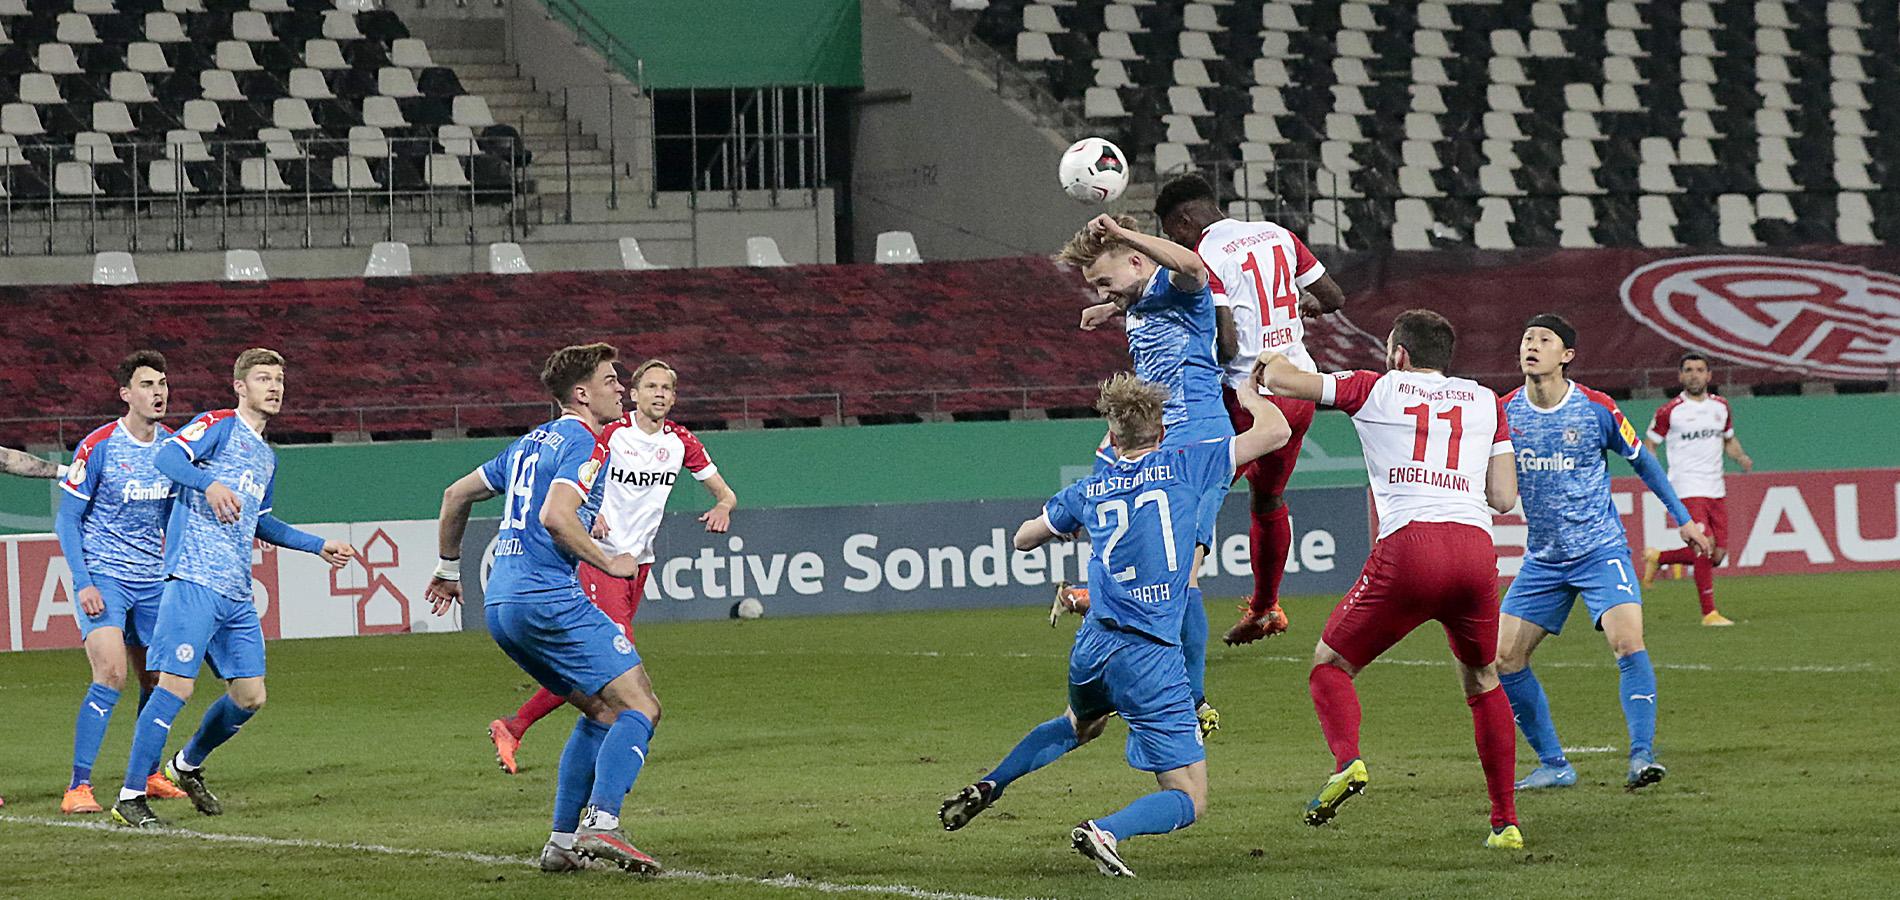 Der Ball wollte nicht rein: Hier Daniel Heber mit einer Möglichkeit nach einem Standard. (Foto: Endberg)